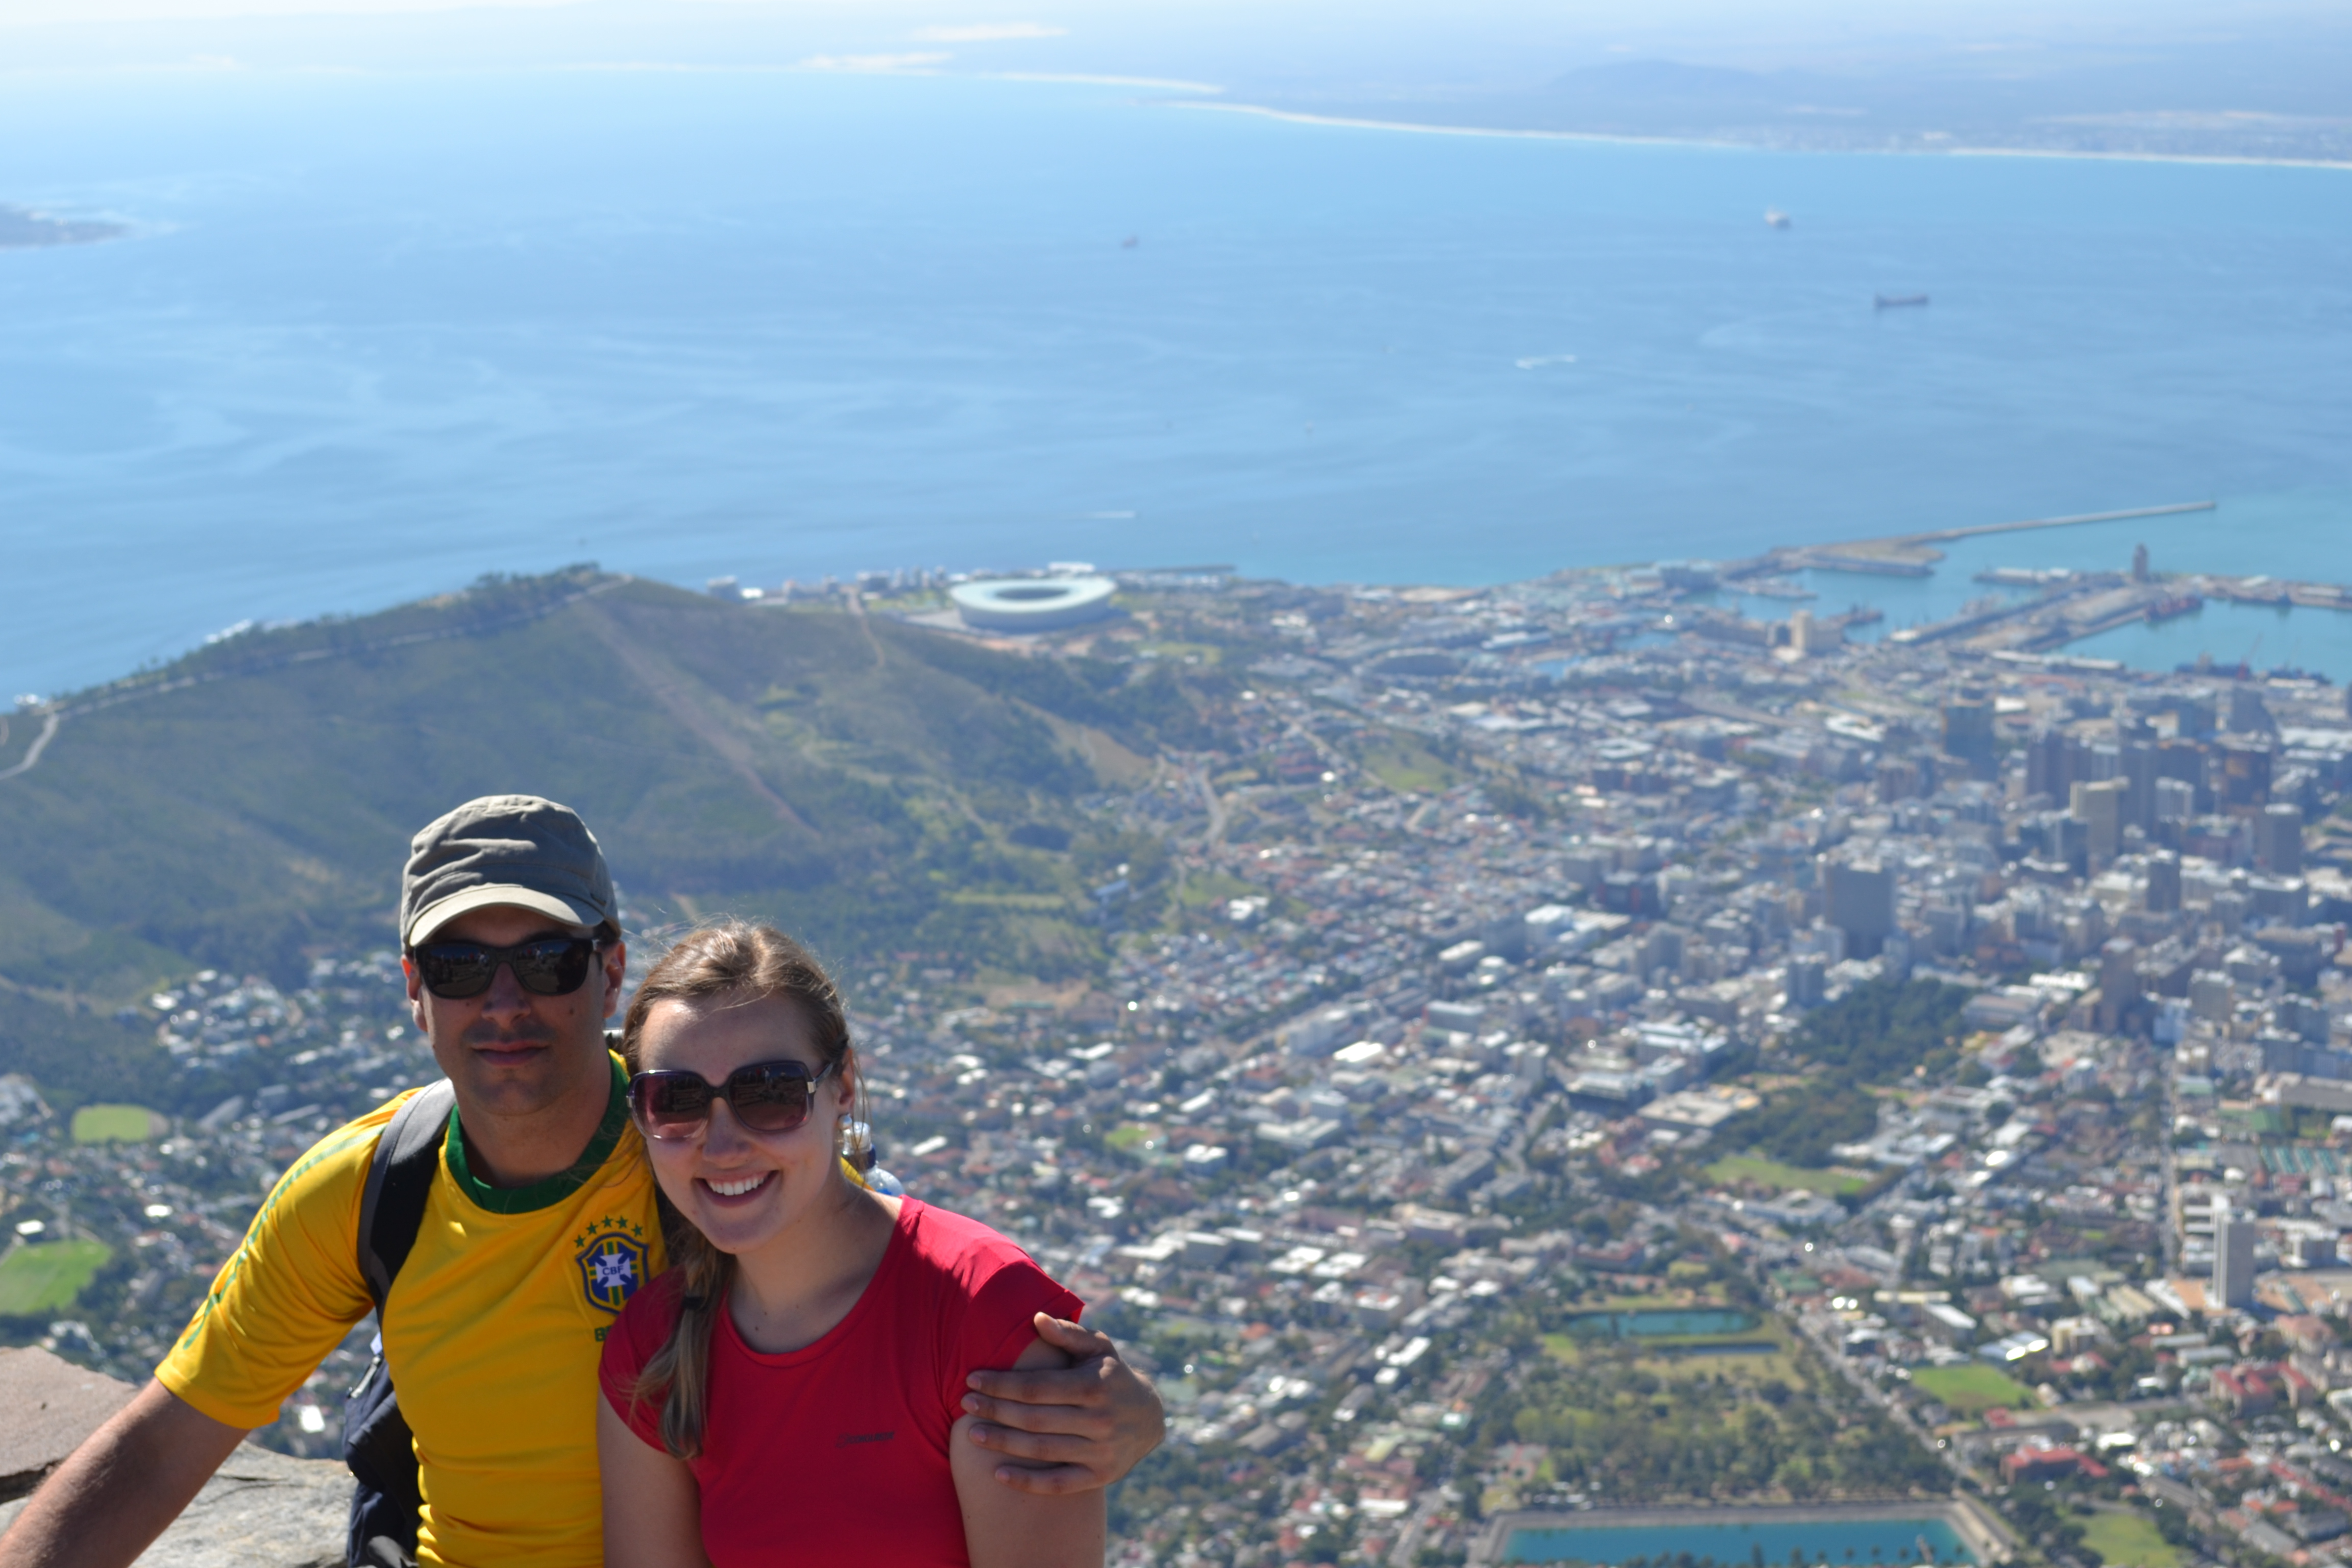 Caio e Danielle no alto da Table Mountain, na Cidade do Cabo, África do Sul